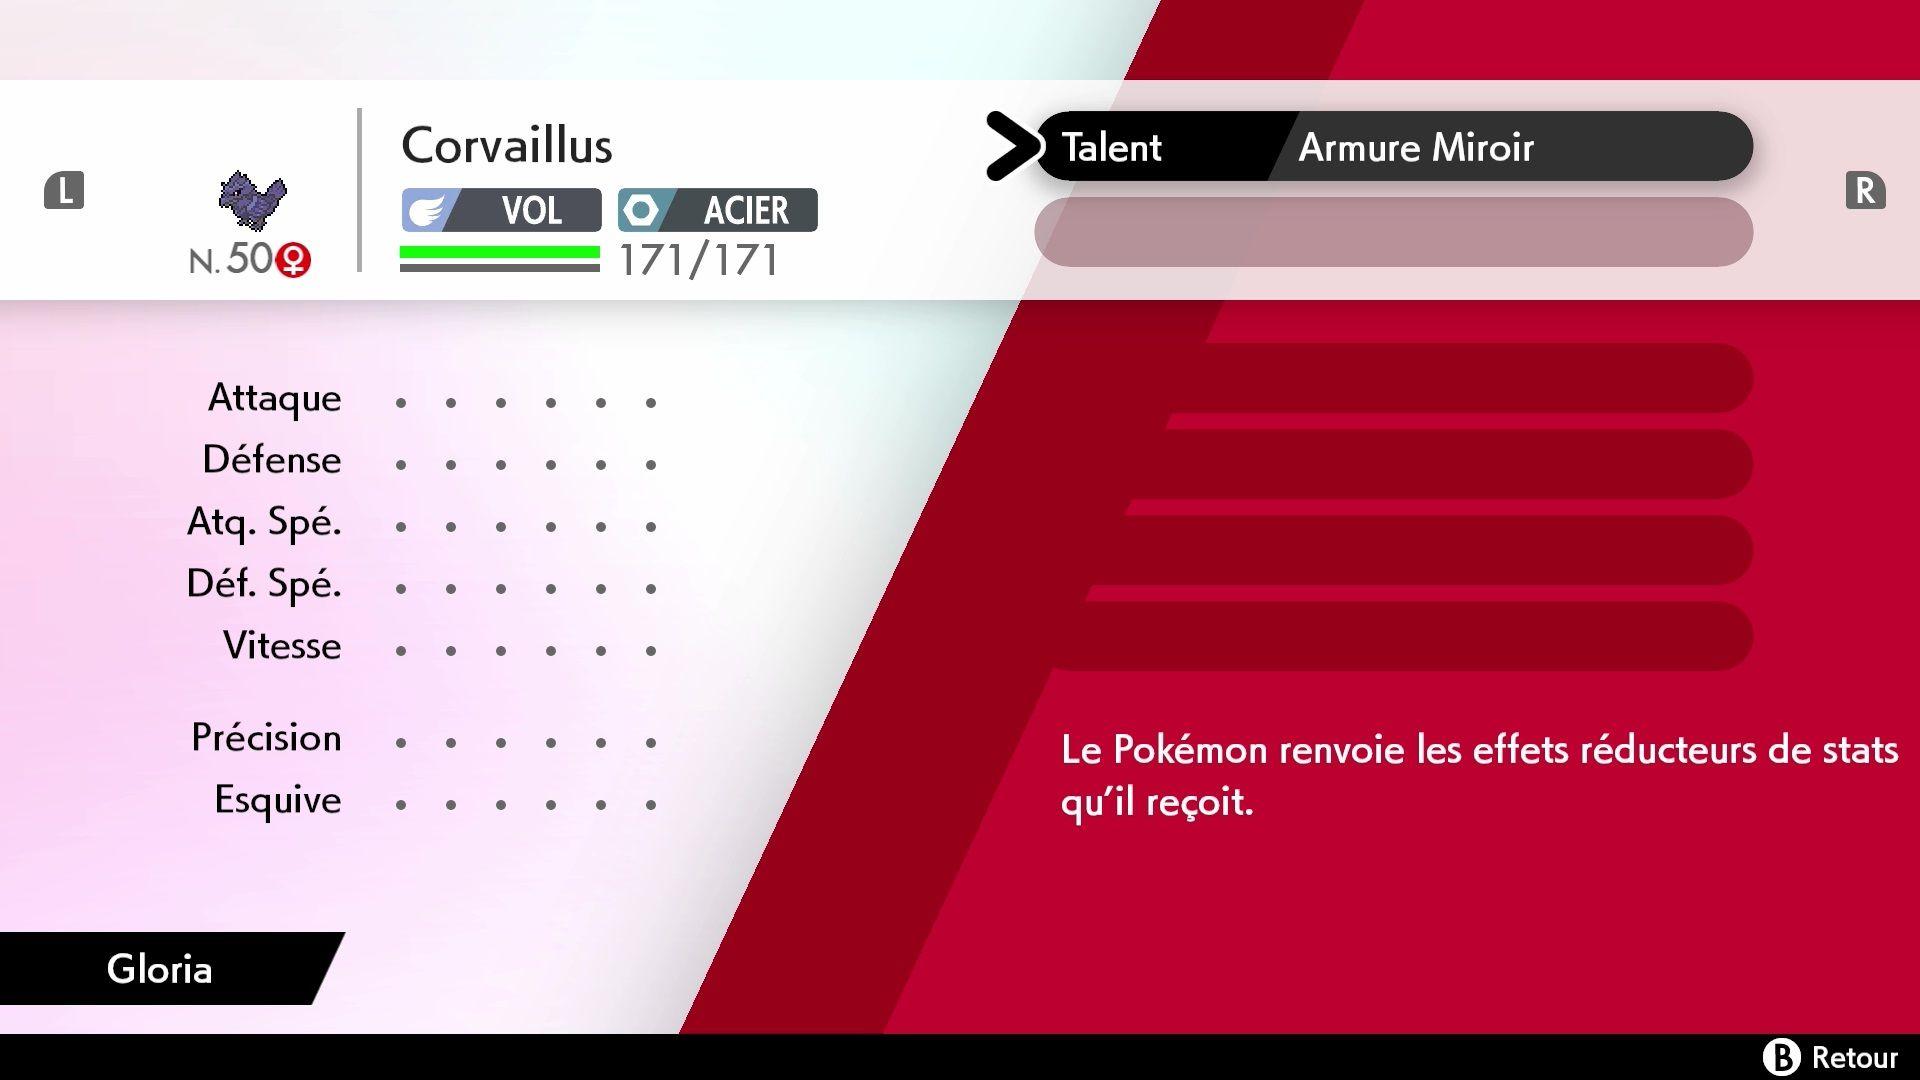 Corvaillus Pokémon Épée et Pokémon Bouclier